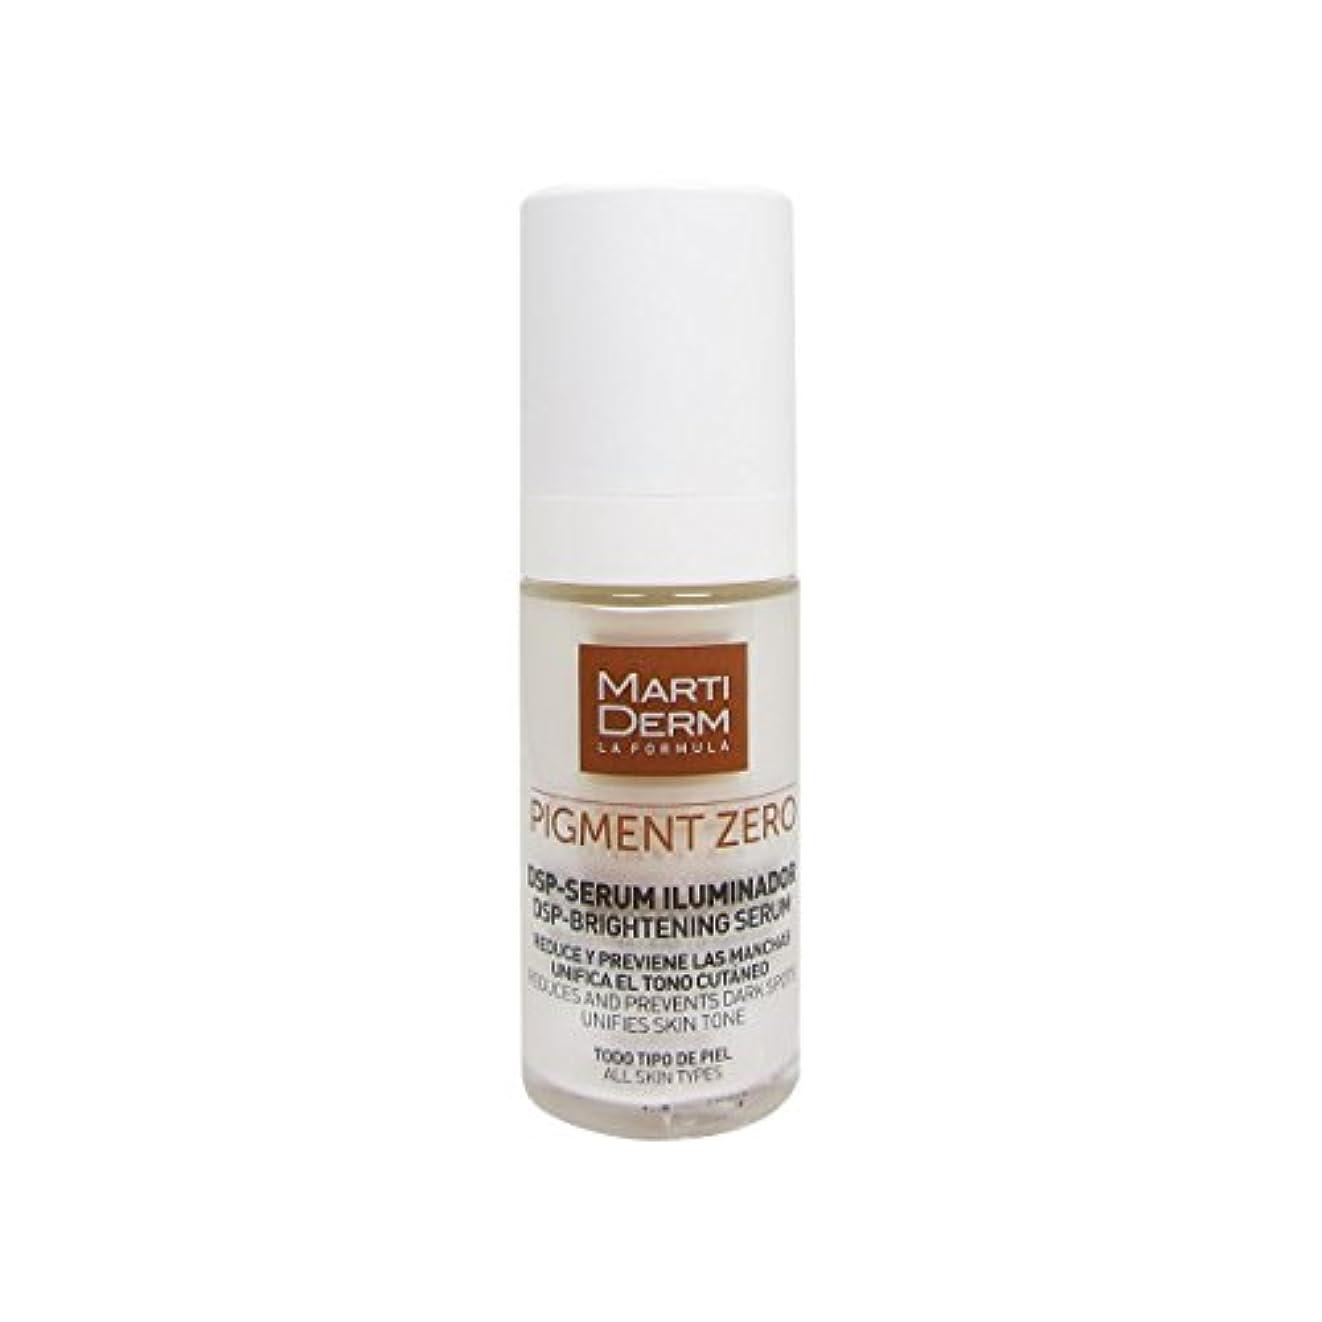 茎タンカーカウンタMartiderm Pigment Zero Dsp-brightening Serum 30ml [並行輸入品]